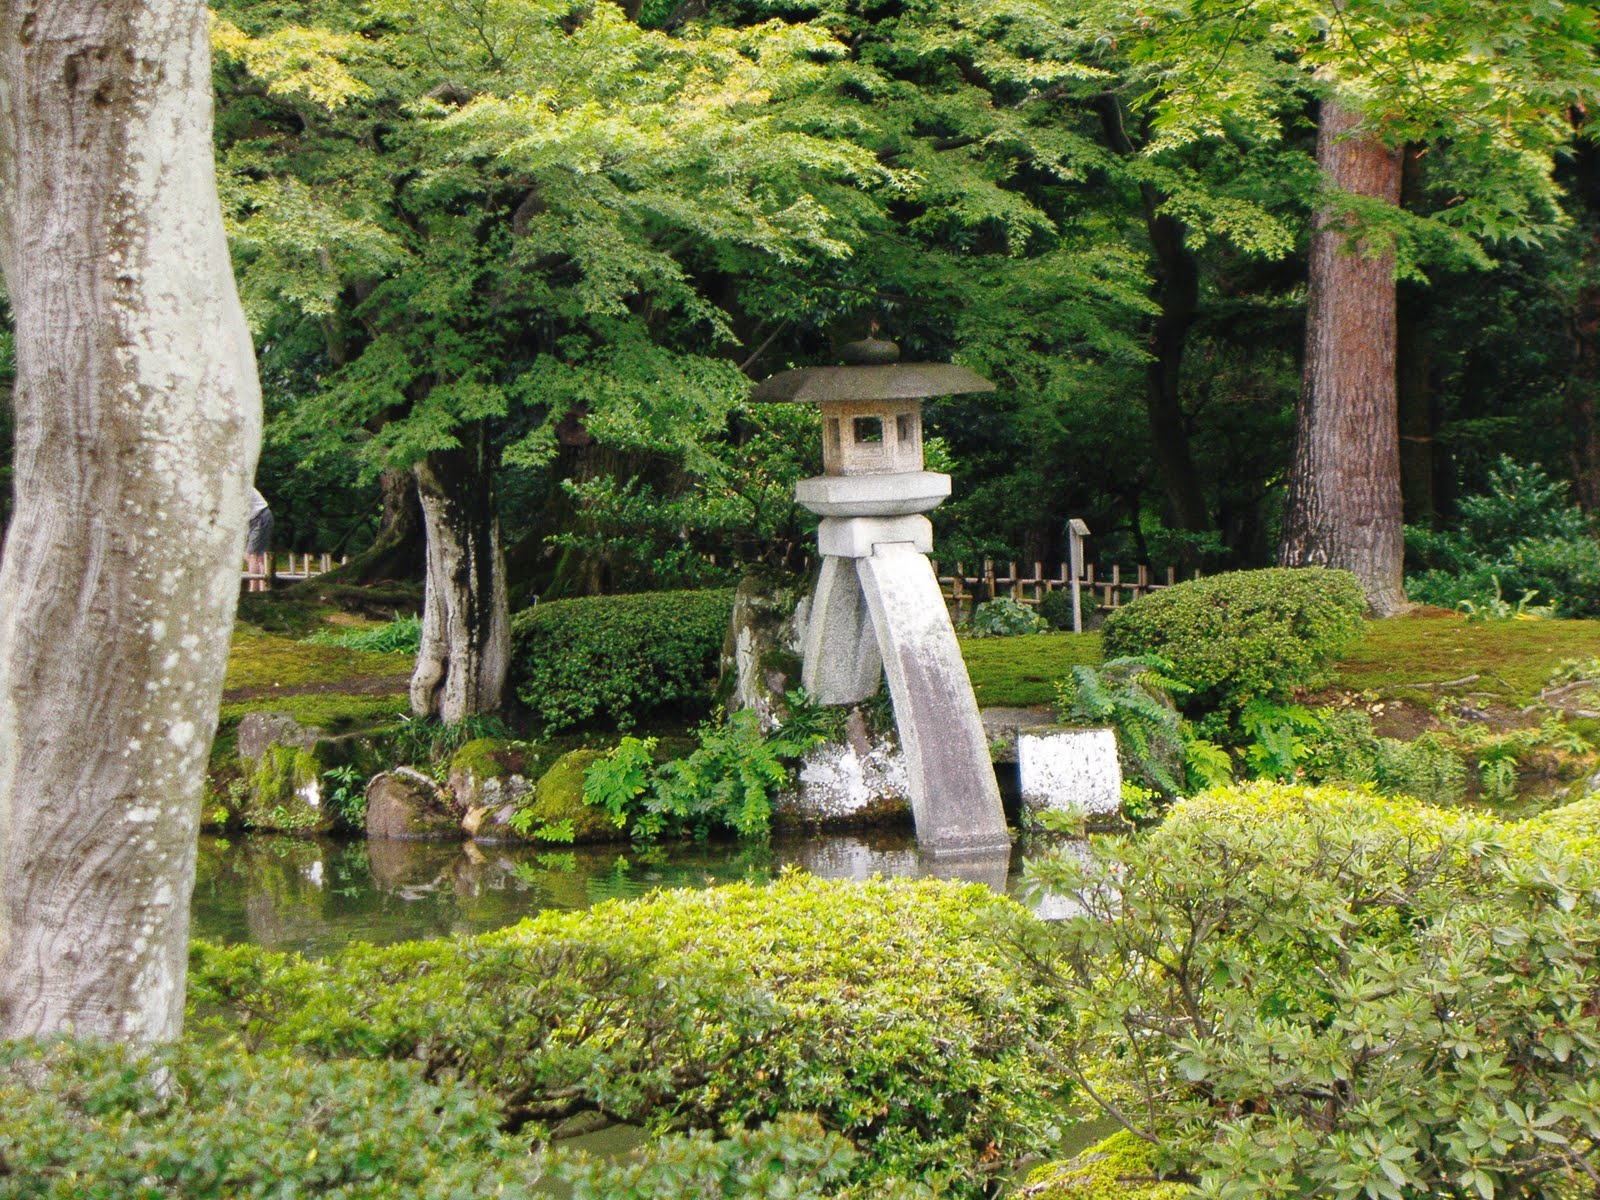 Valencia de cartonpiedra jardin de kenrokuen for Jardin kenrokuen